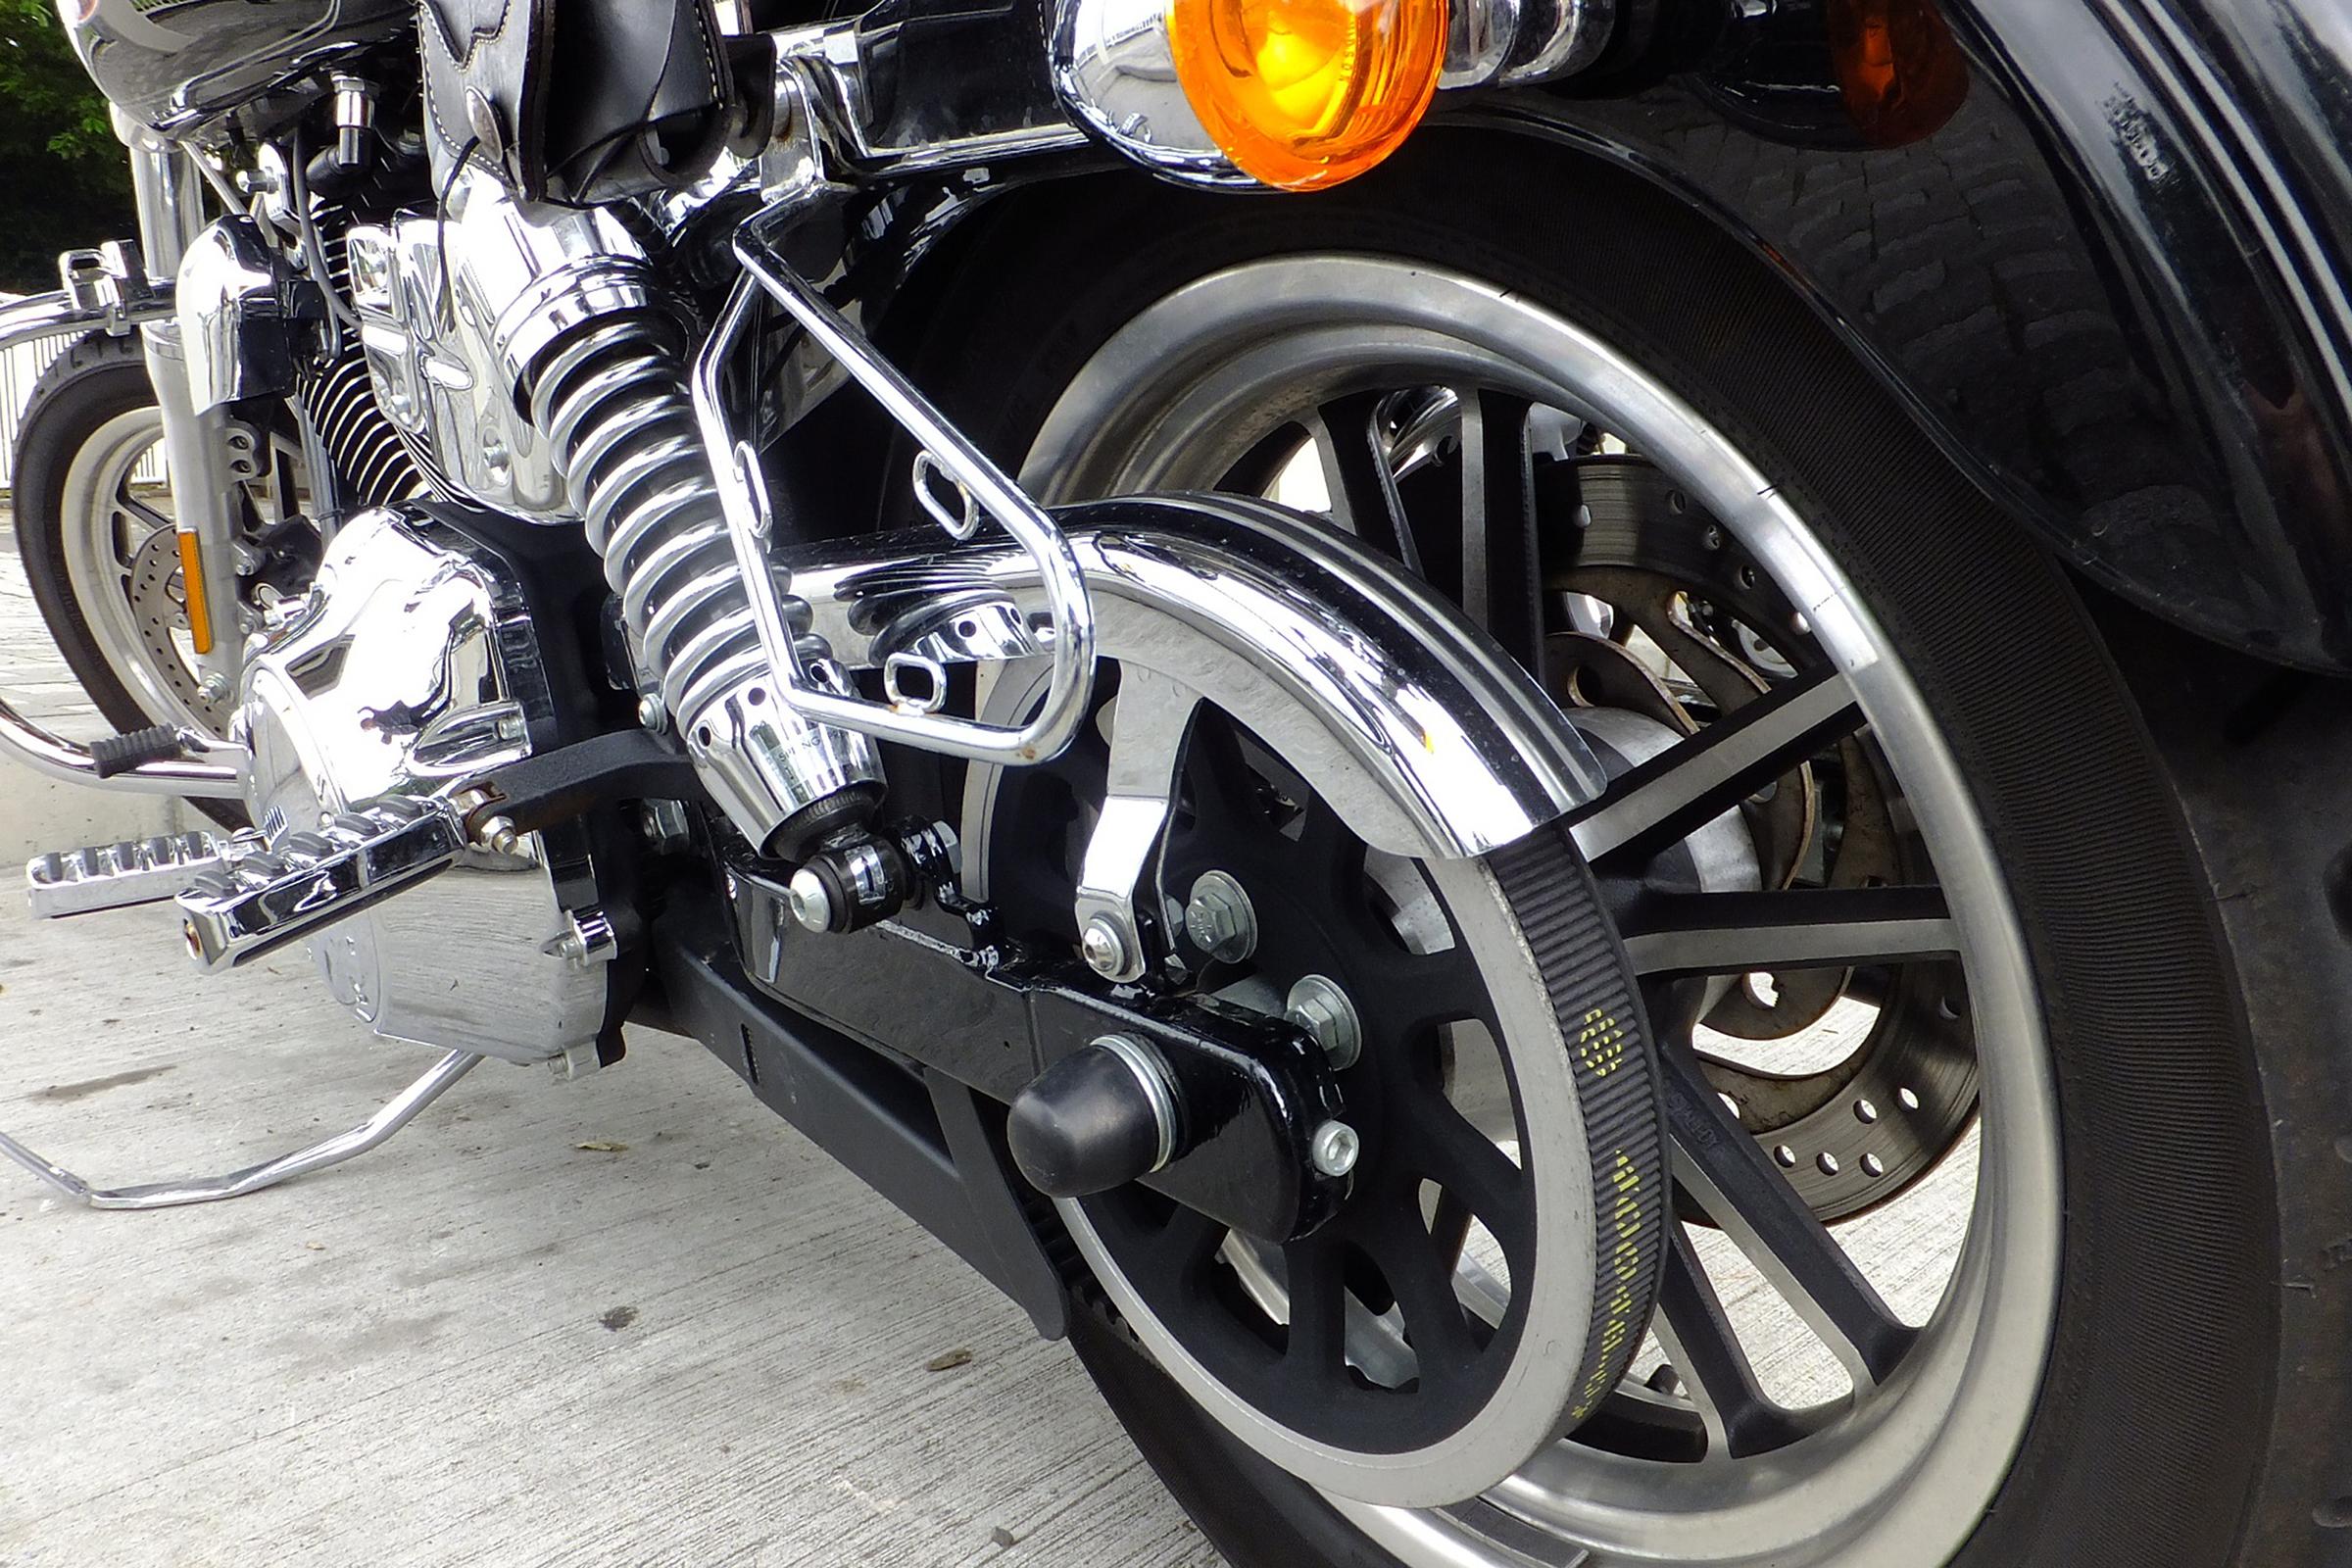 126_bike